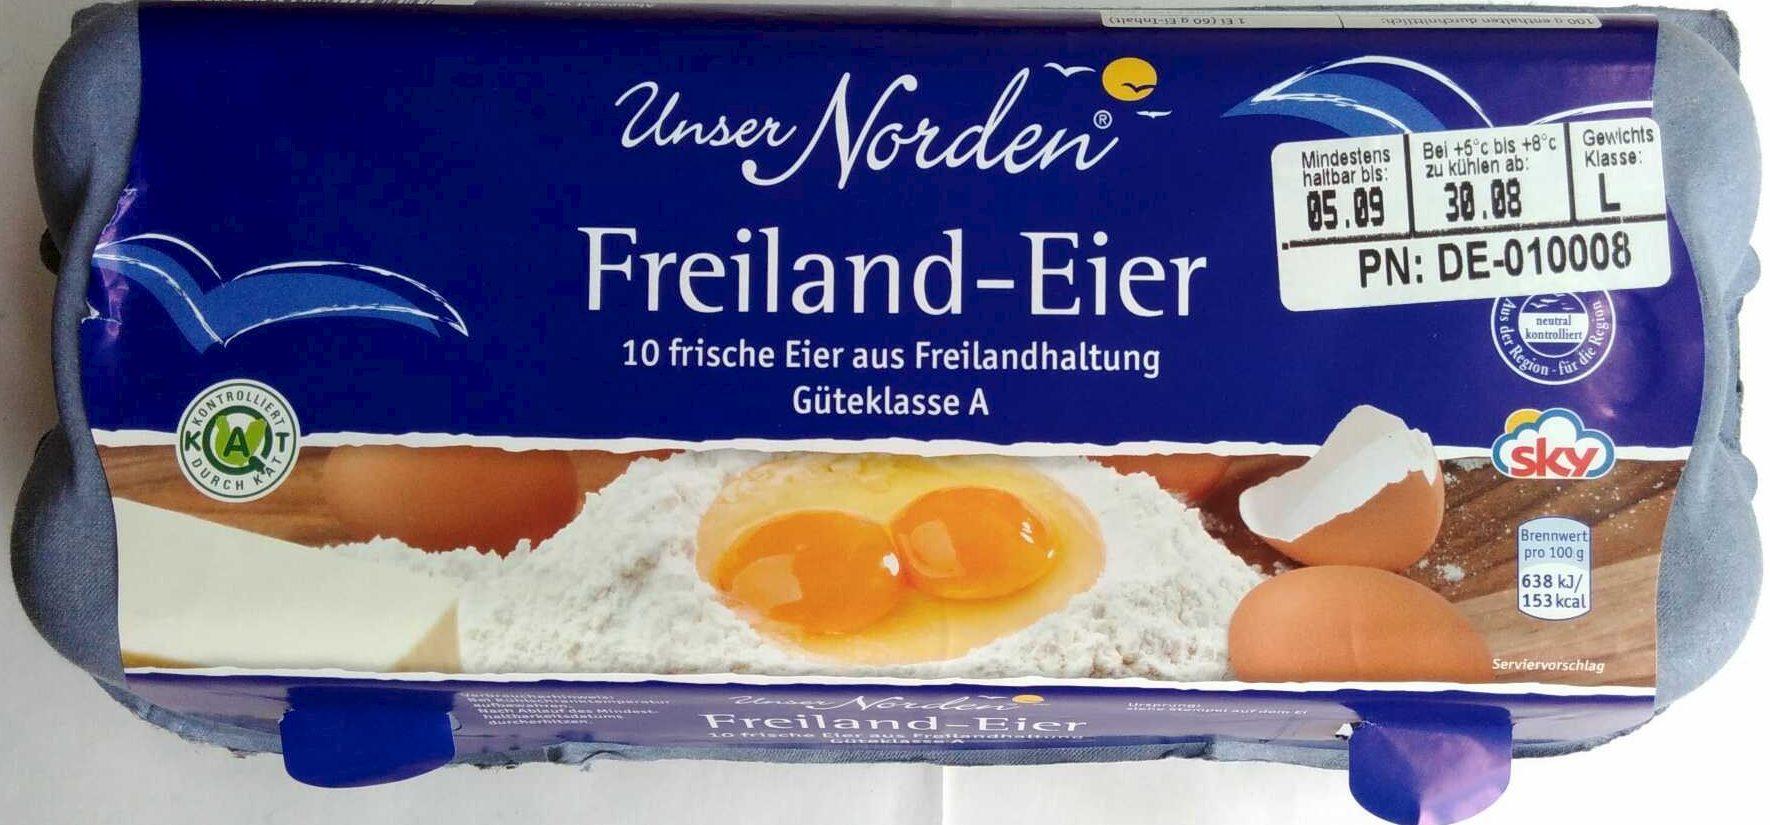 Freiland-Eier - Produit - de